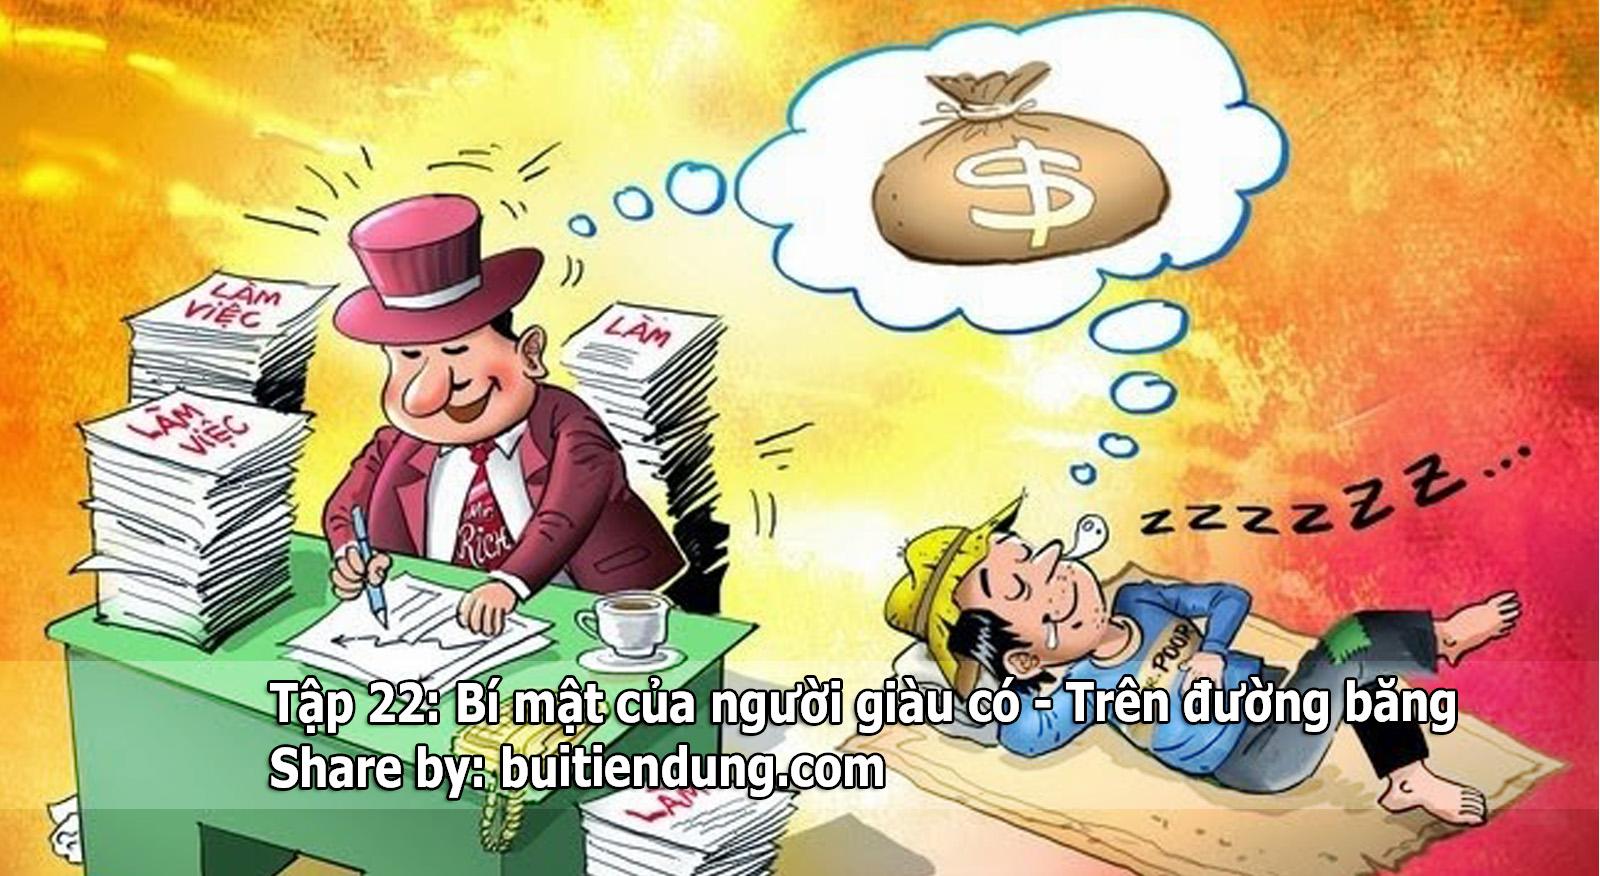 Tập 22: Bí mật của người giàu có – Trên đường băng